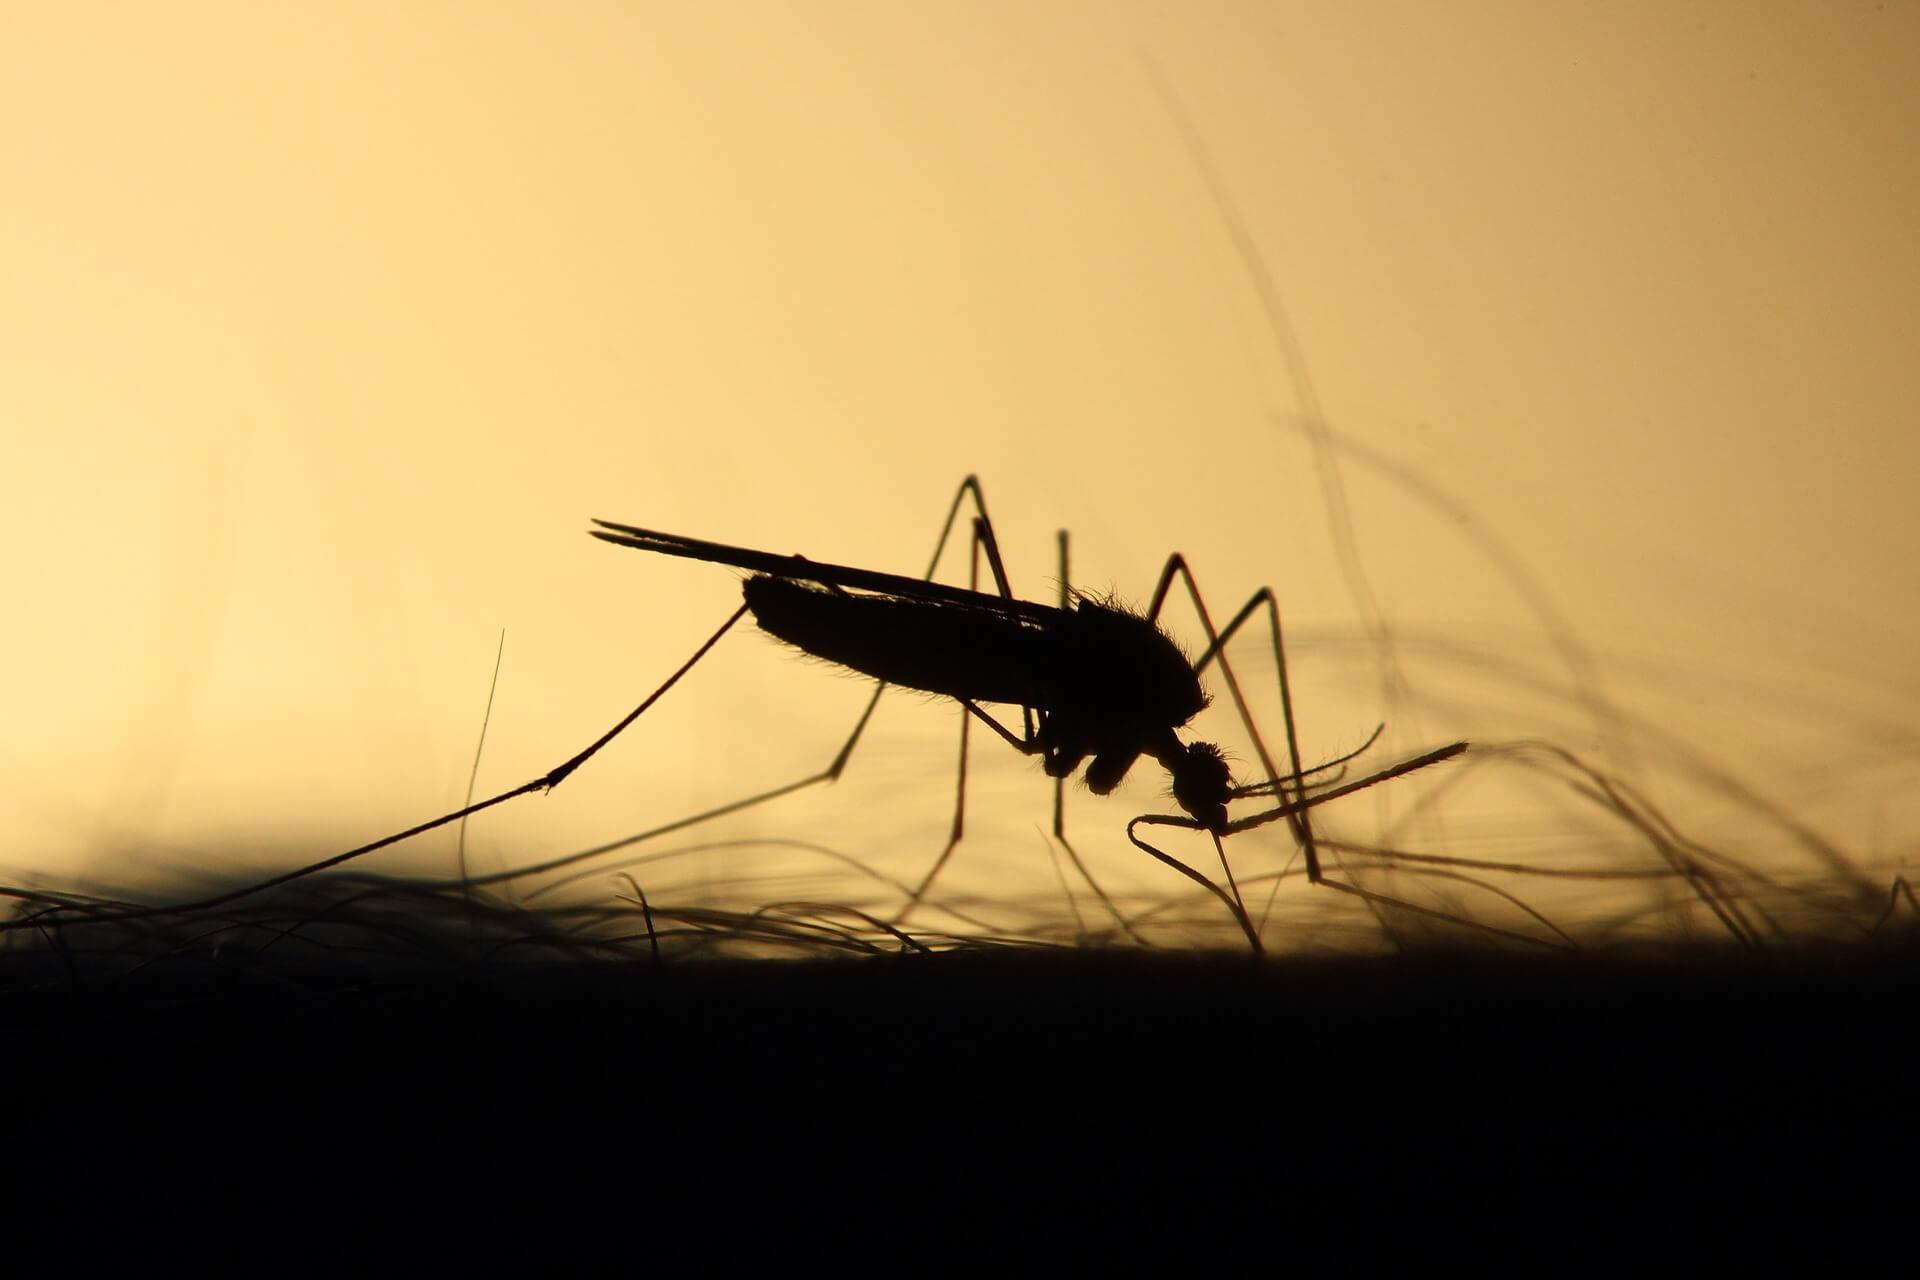 蚊のシルエット